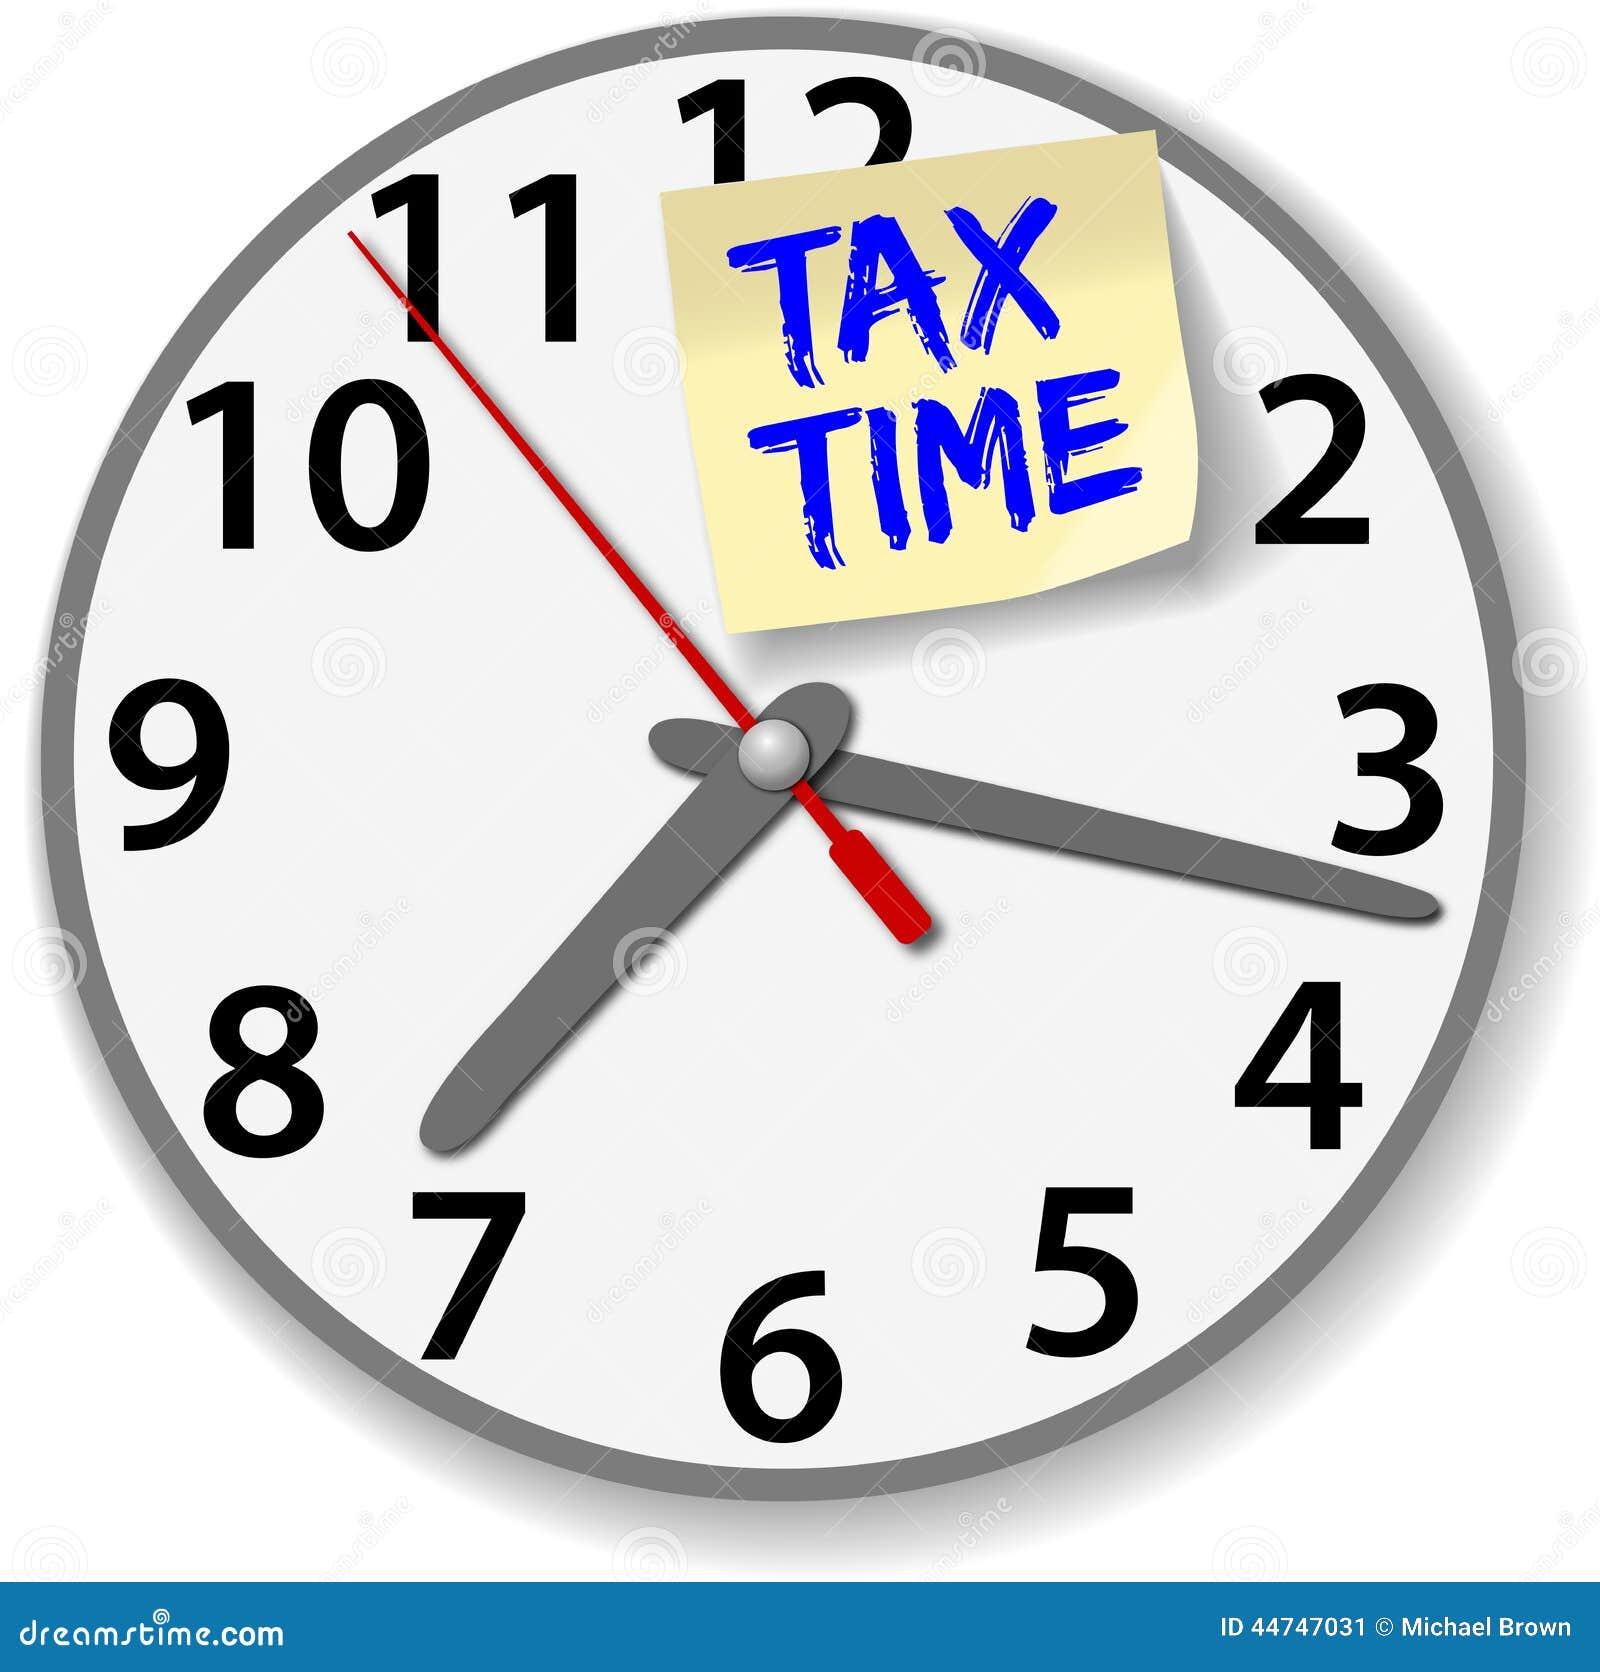 Tax due date in Perth